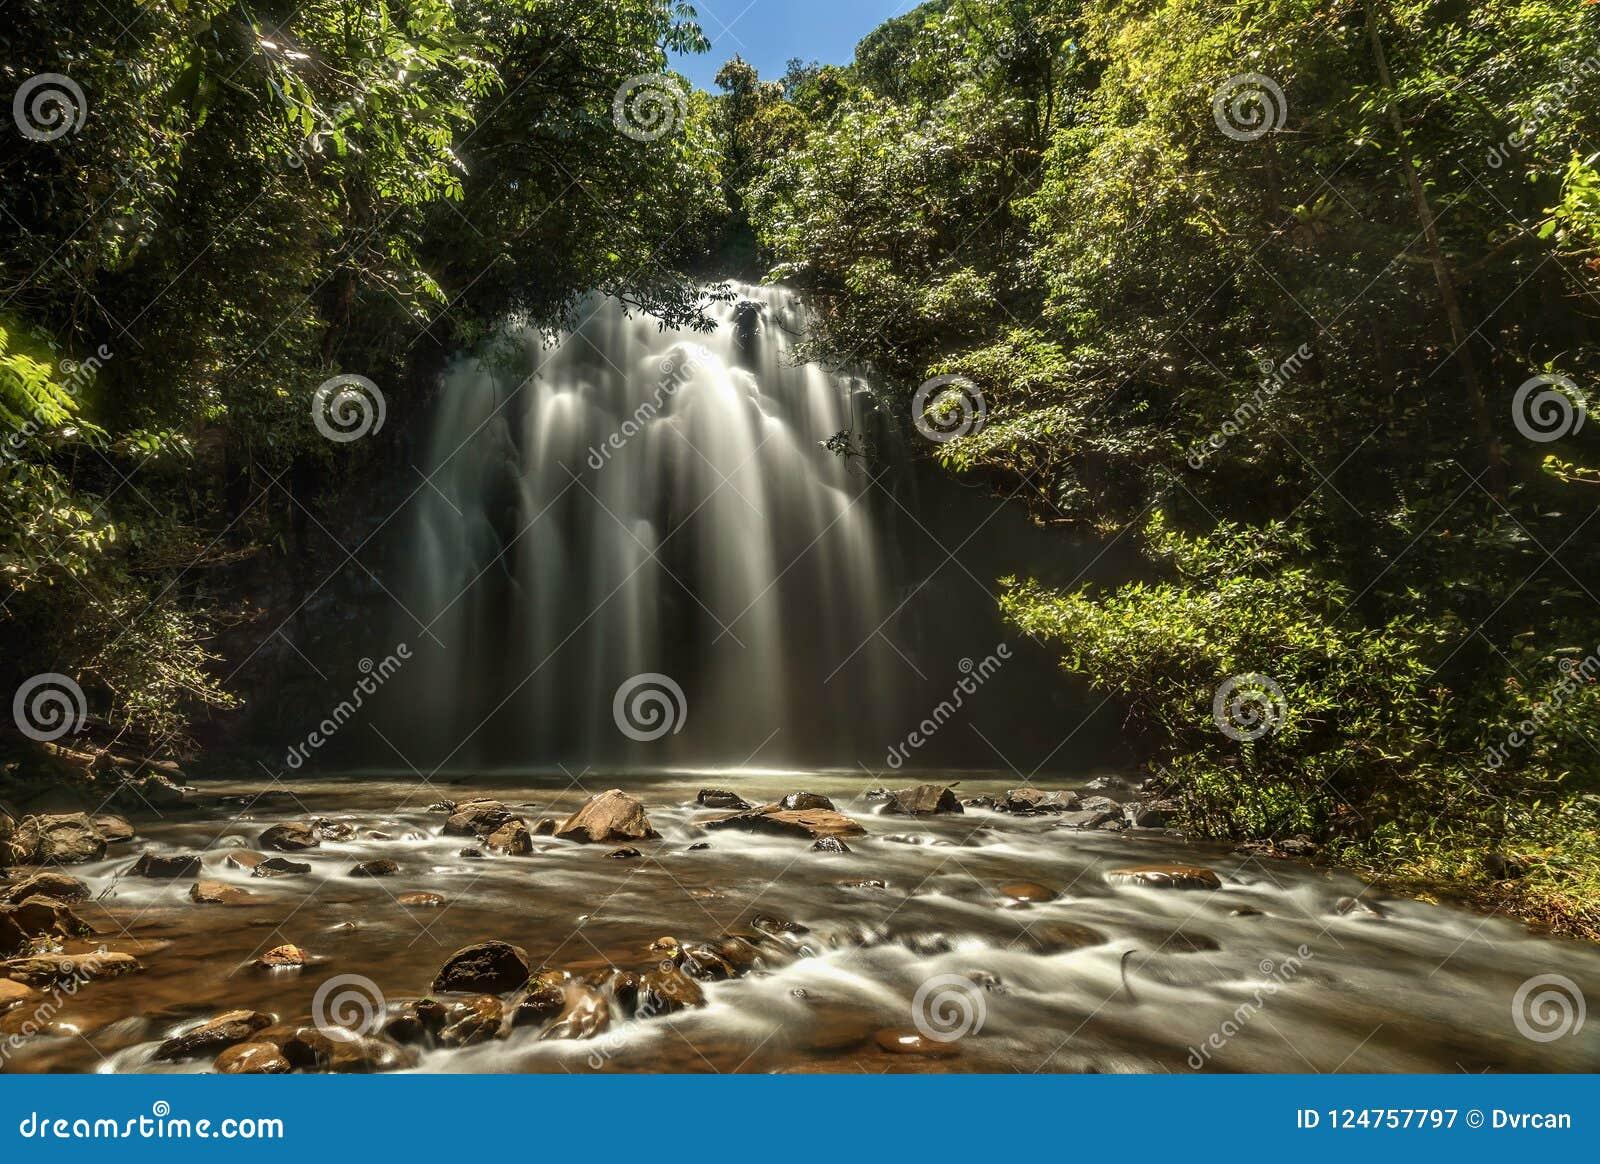 Milla Nilla Falls em Queensland, Austrália